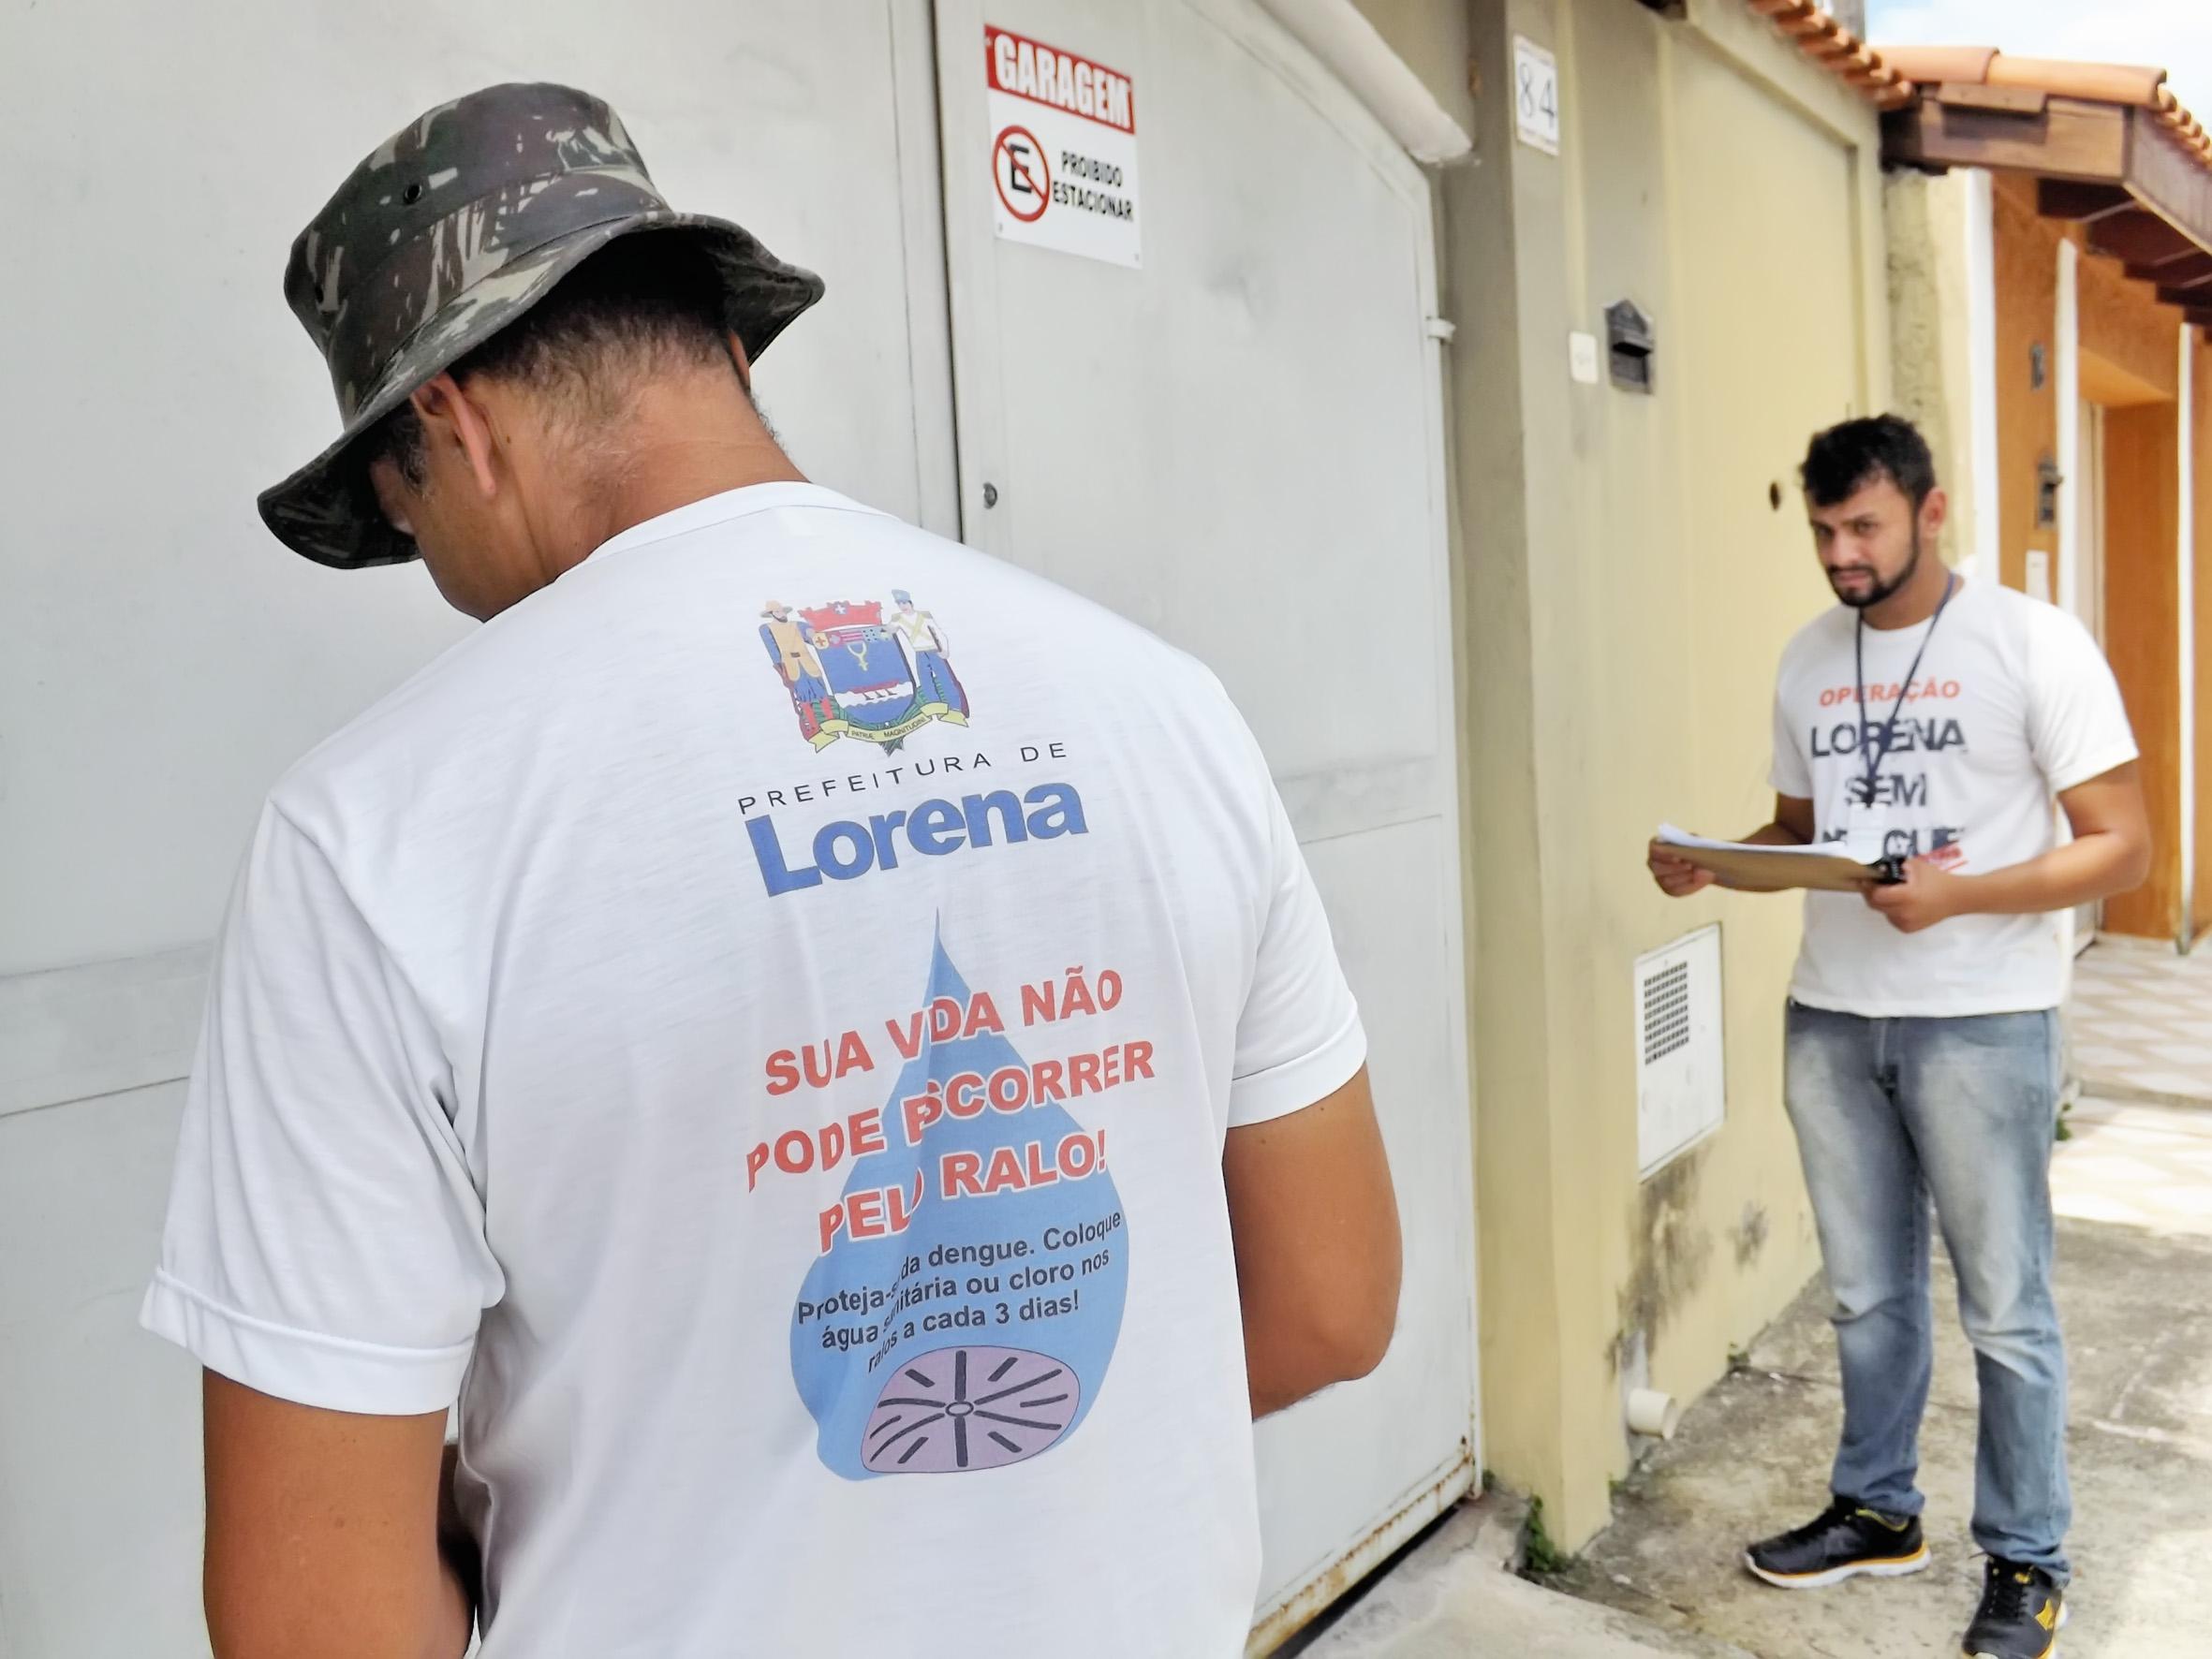 Em ação de combate à dengue, agentes fazem visitas em casas de Lorena; Prefeitura emite aleta contra criminosos que se disfarçam (Foto: Lucas Barbosa)